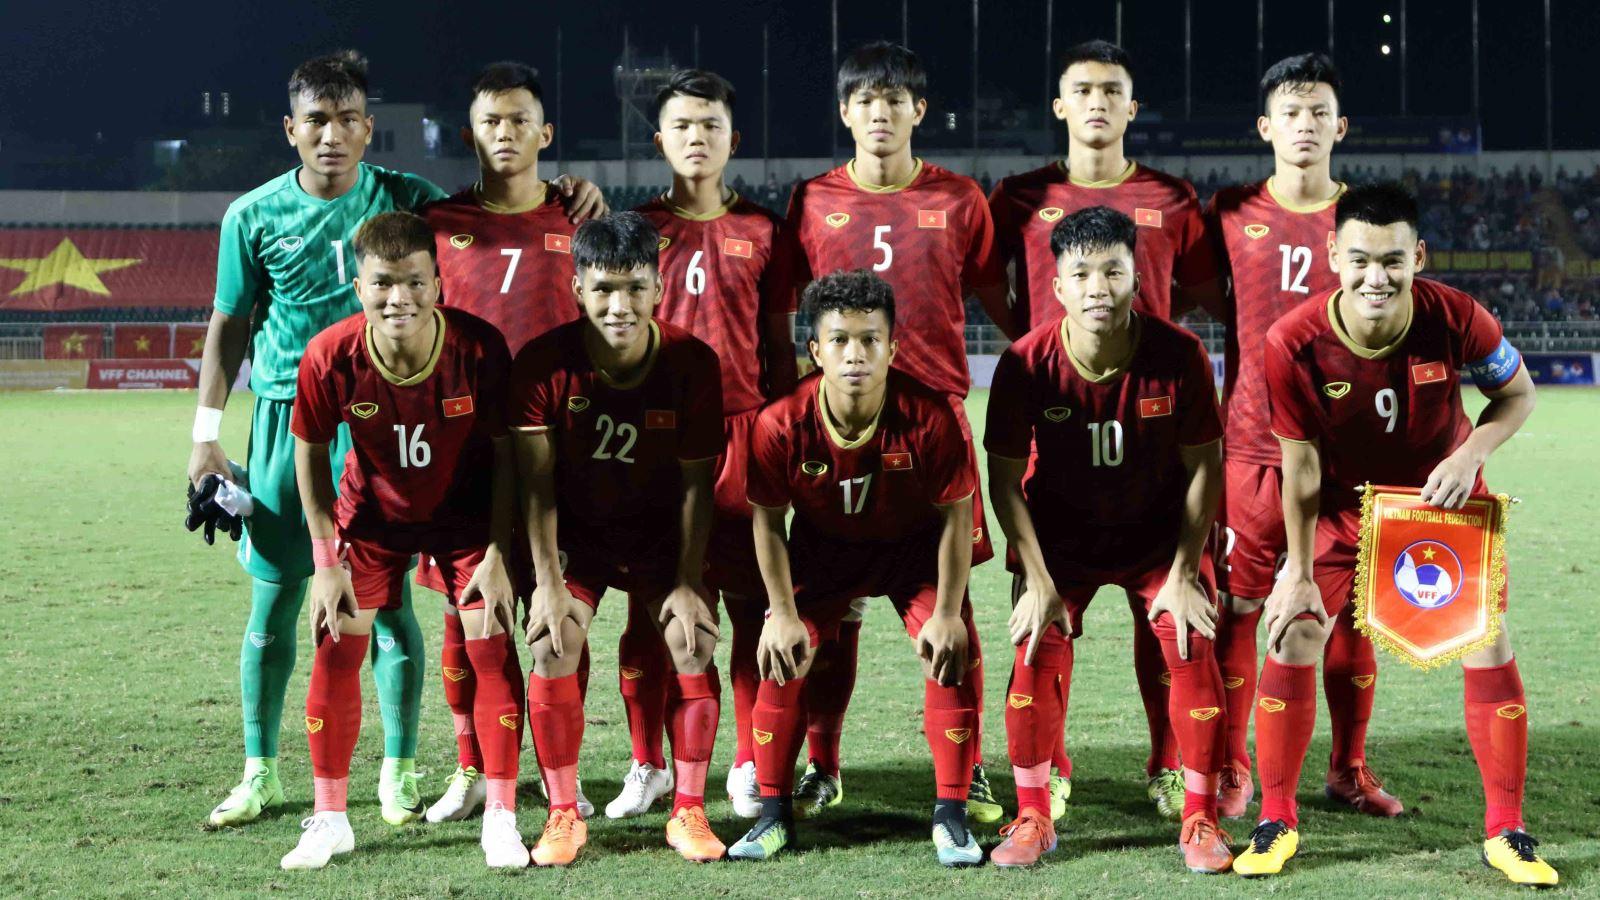 Thua U18 Campuchia, U18 Việt Nam bị loại từ vòng bảng Nam Á